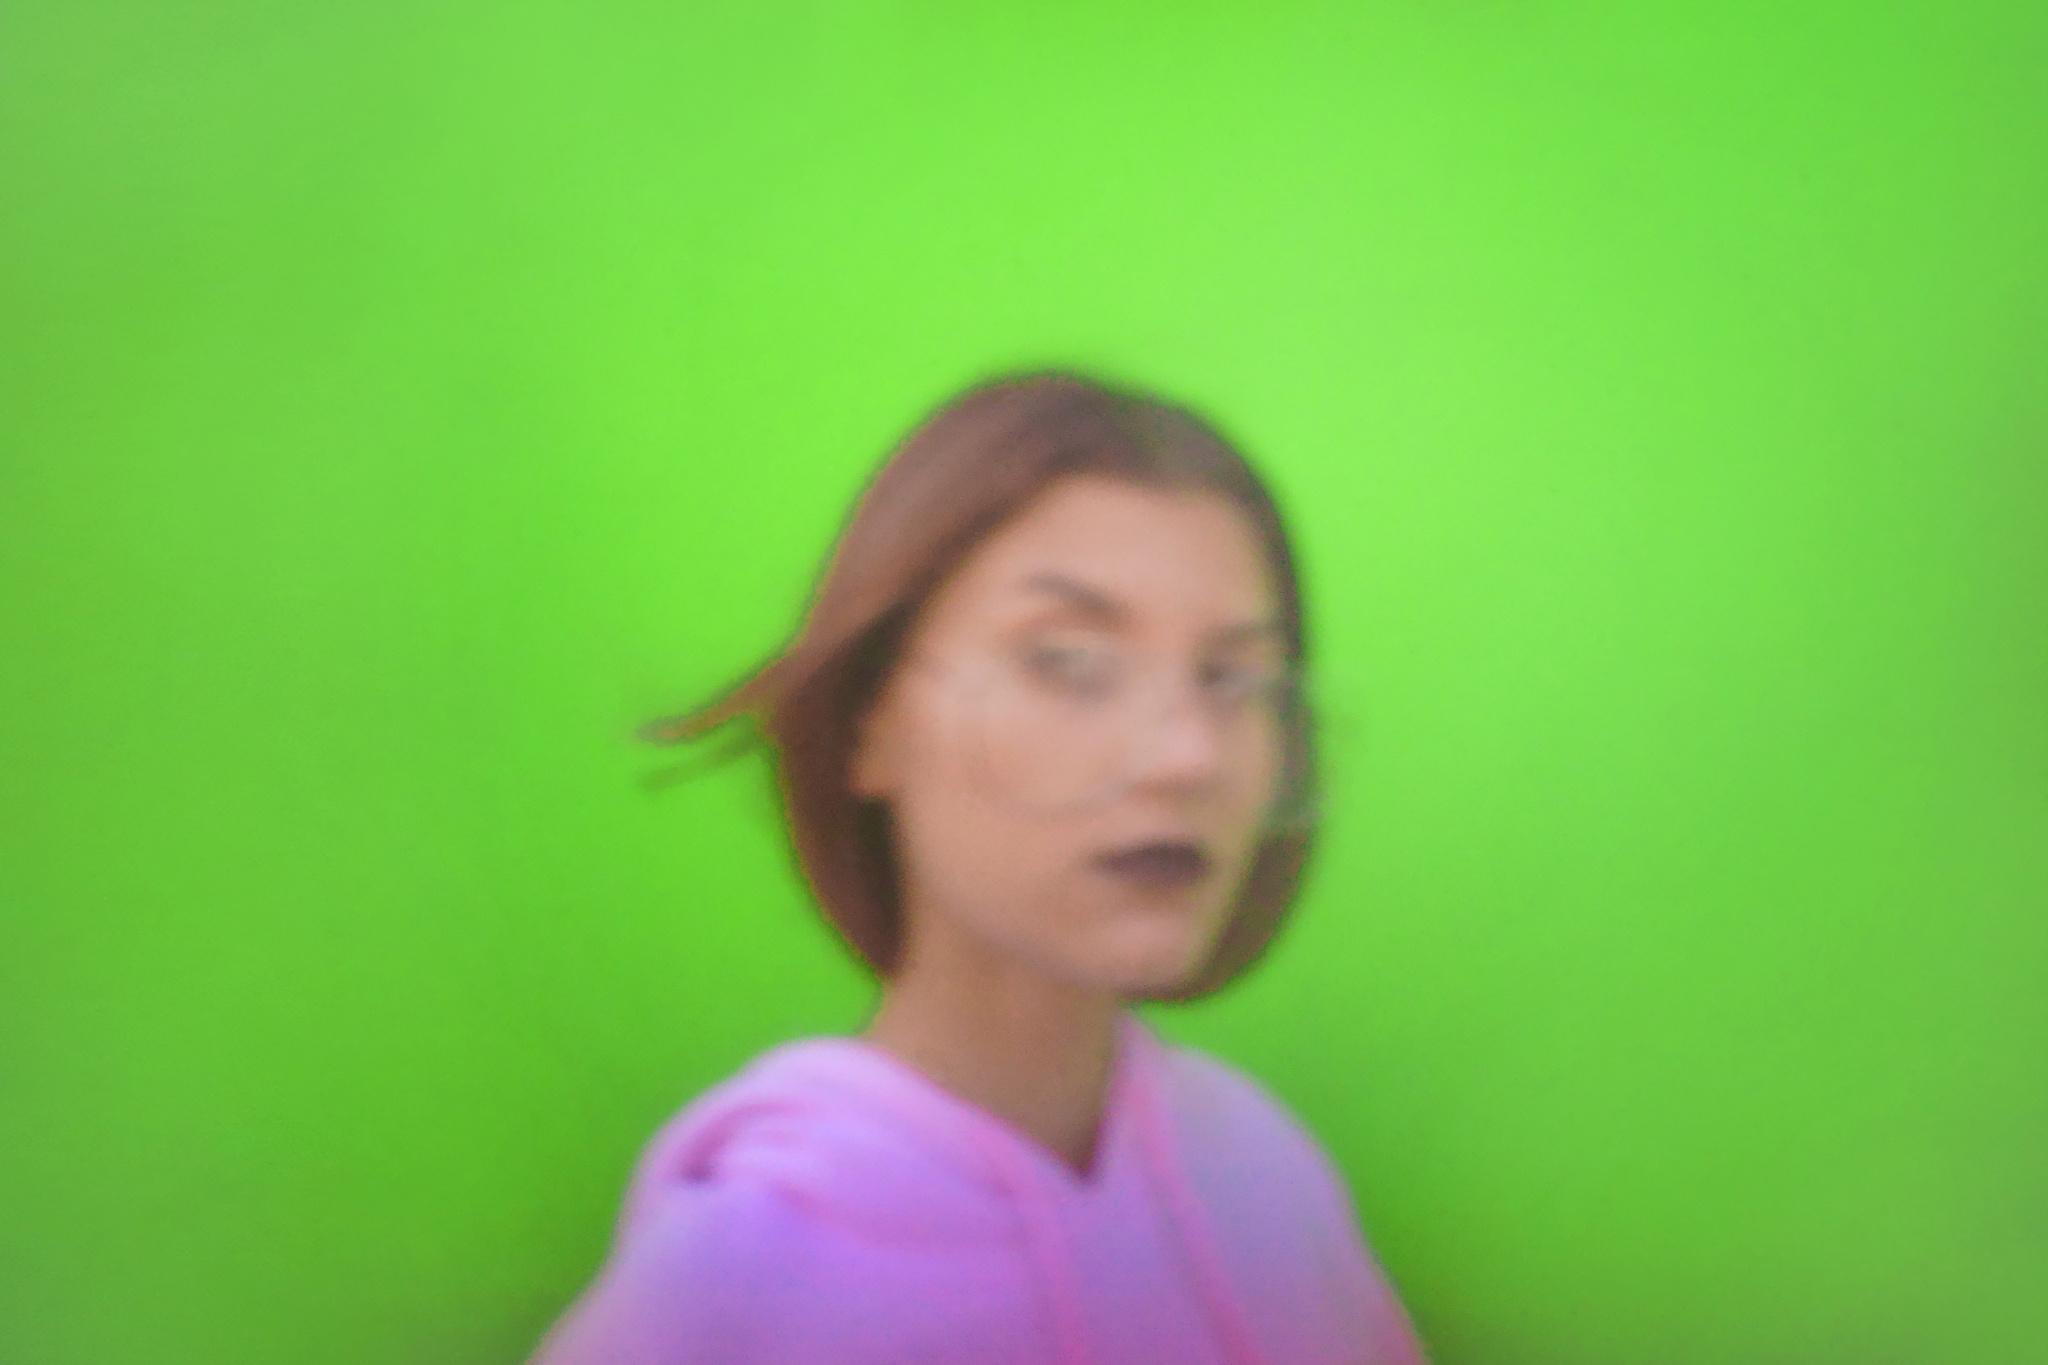 Pinhole aneb dírková komora: jak ji vyrobit a vyfotit s ní divoký barevný portrét